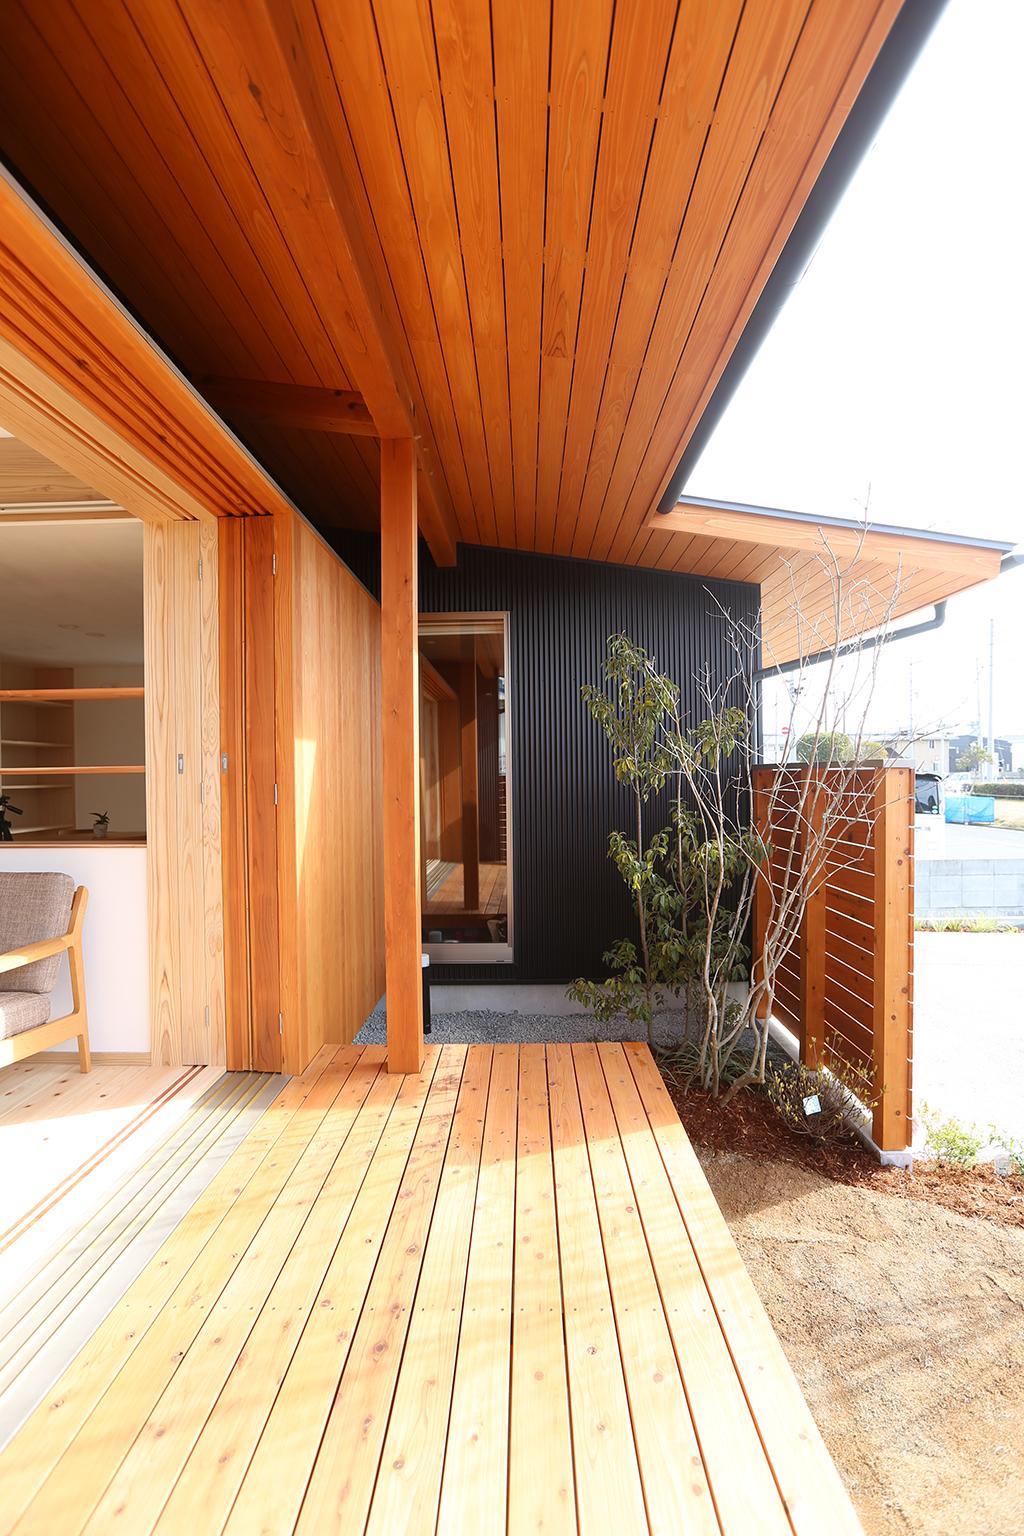 姫路市の木の家 屋根のあるデッキ